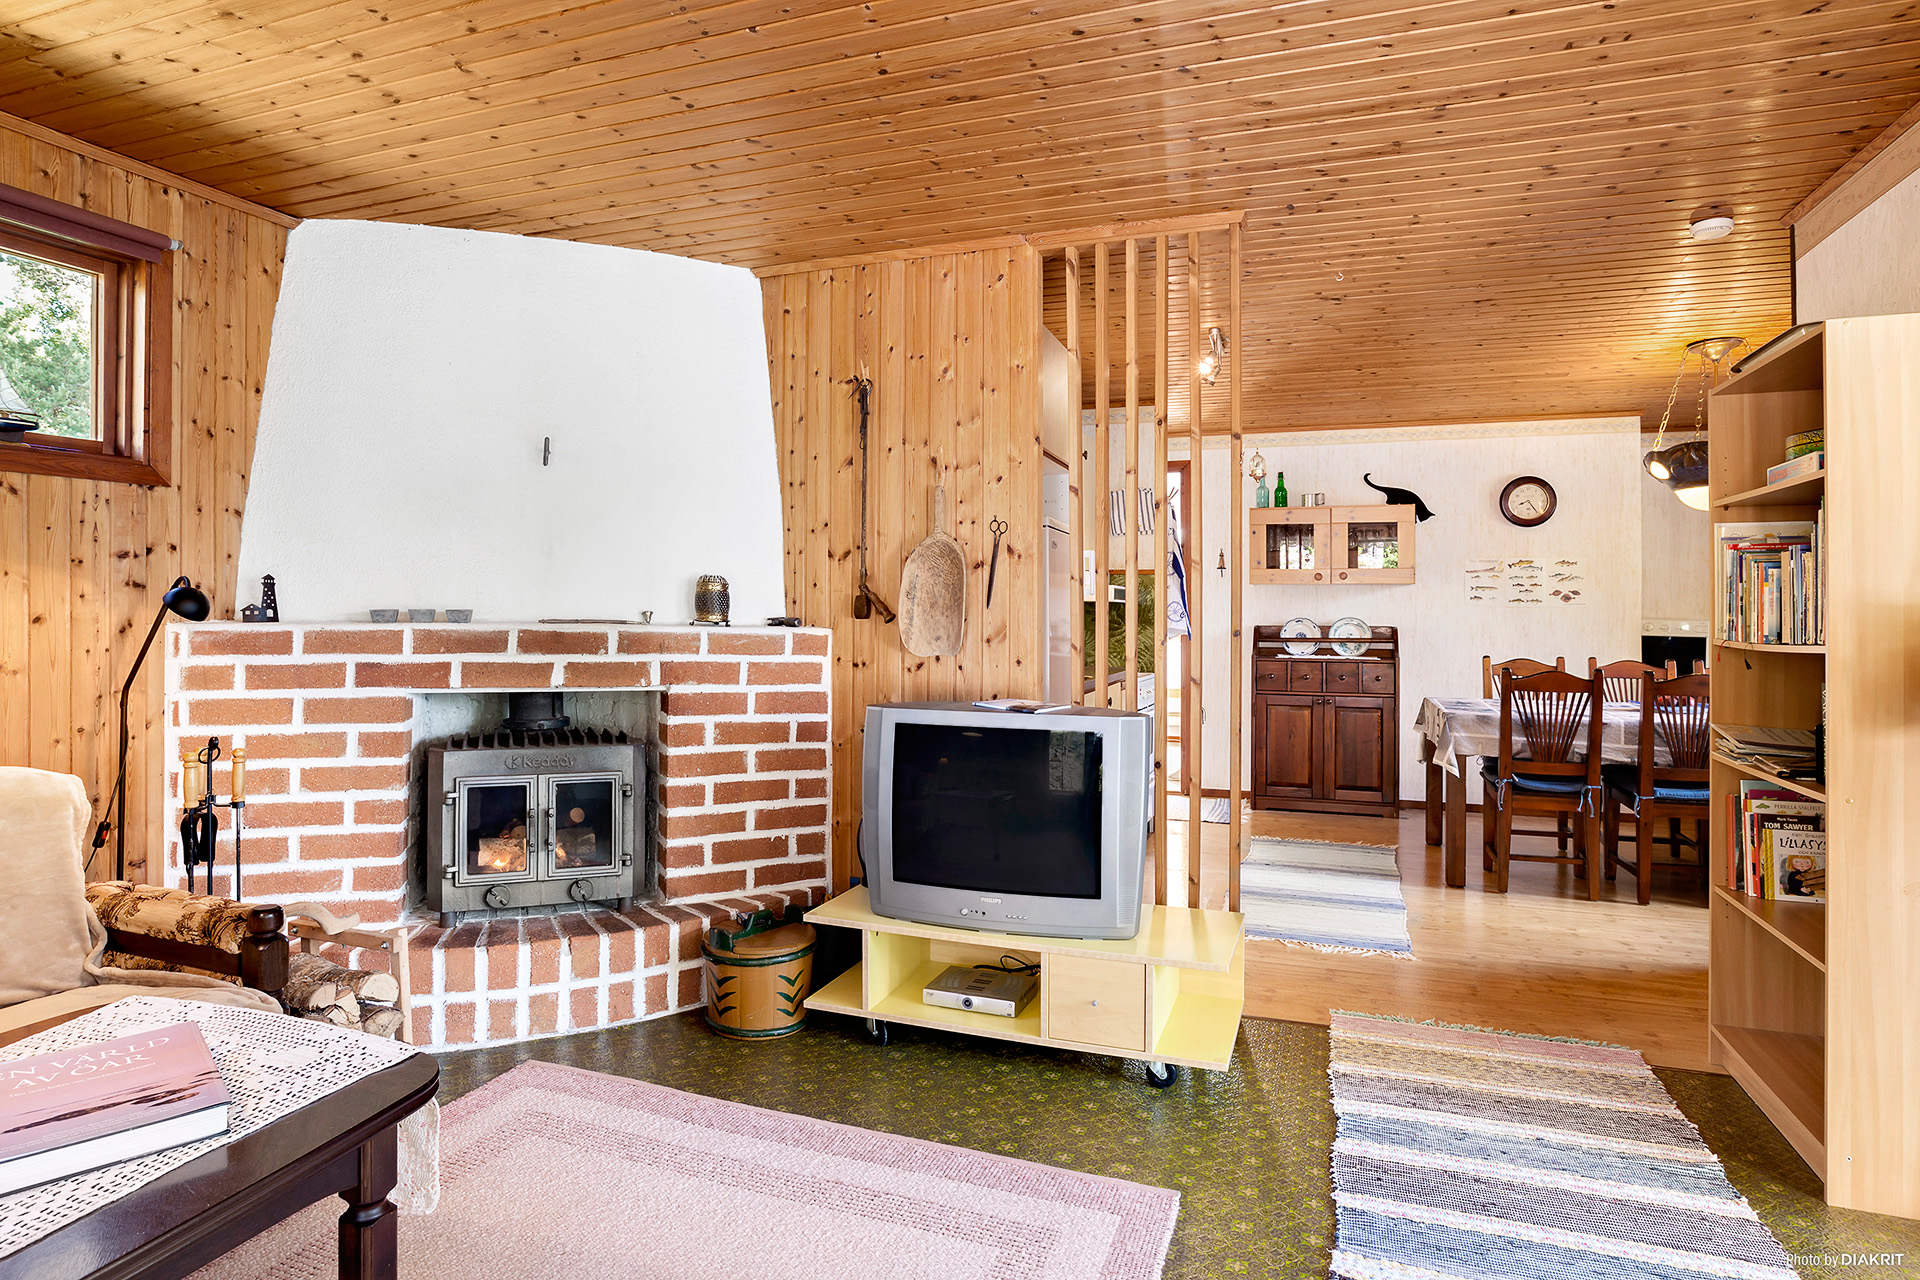 Sällskapsrum med vacker murstock och braskamin